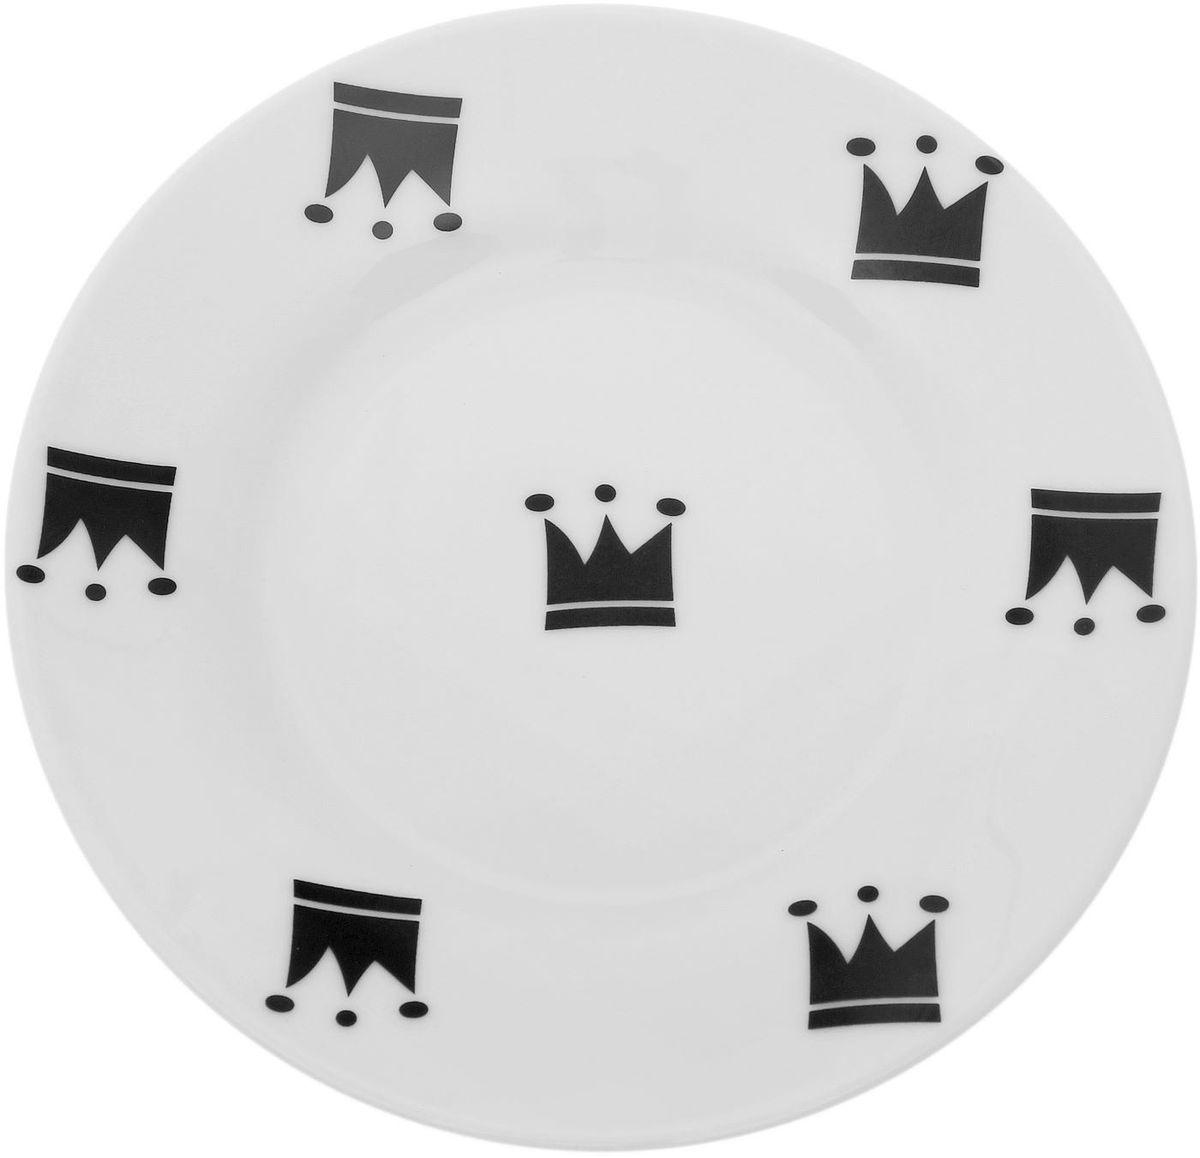 Тарелка мелкая Сотвори чудо My Little Crown, диаметр 15,5 см. 1661828115510Хотите обновить интерьер кухни или гостиной? Устраиваете необычную фотосессию или тематический праздник? А может, просто ищете подарок для близкого человека? Посуда Сотвори Чудо — правильный выбор в любой ситуации. Тарелка Сотвори Чудо, изготовленная из изящного фаянса нежного сливочного цвета, оформлена оригинальным рисунком со стойкой краской. Пригодна для посудомоечной машины.